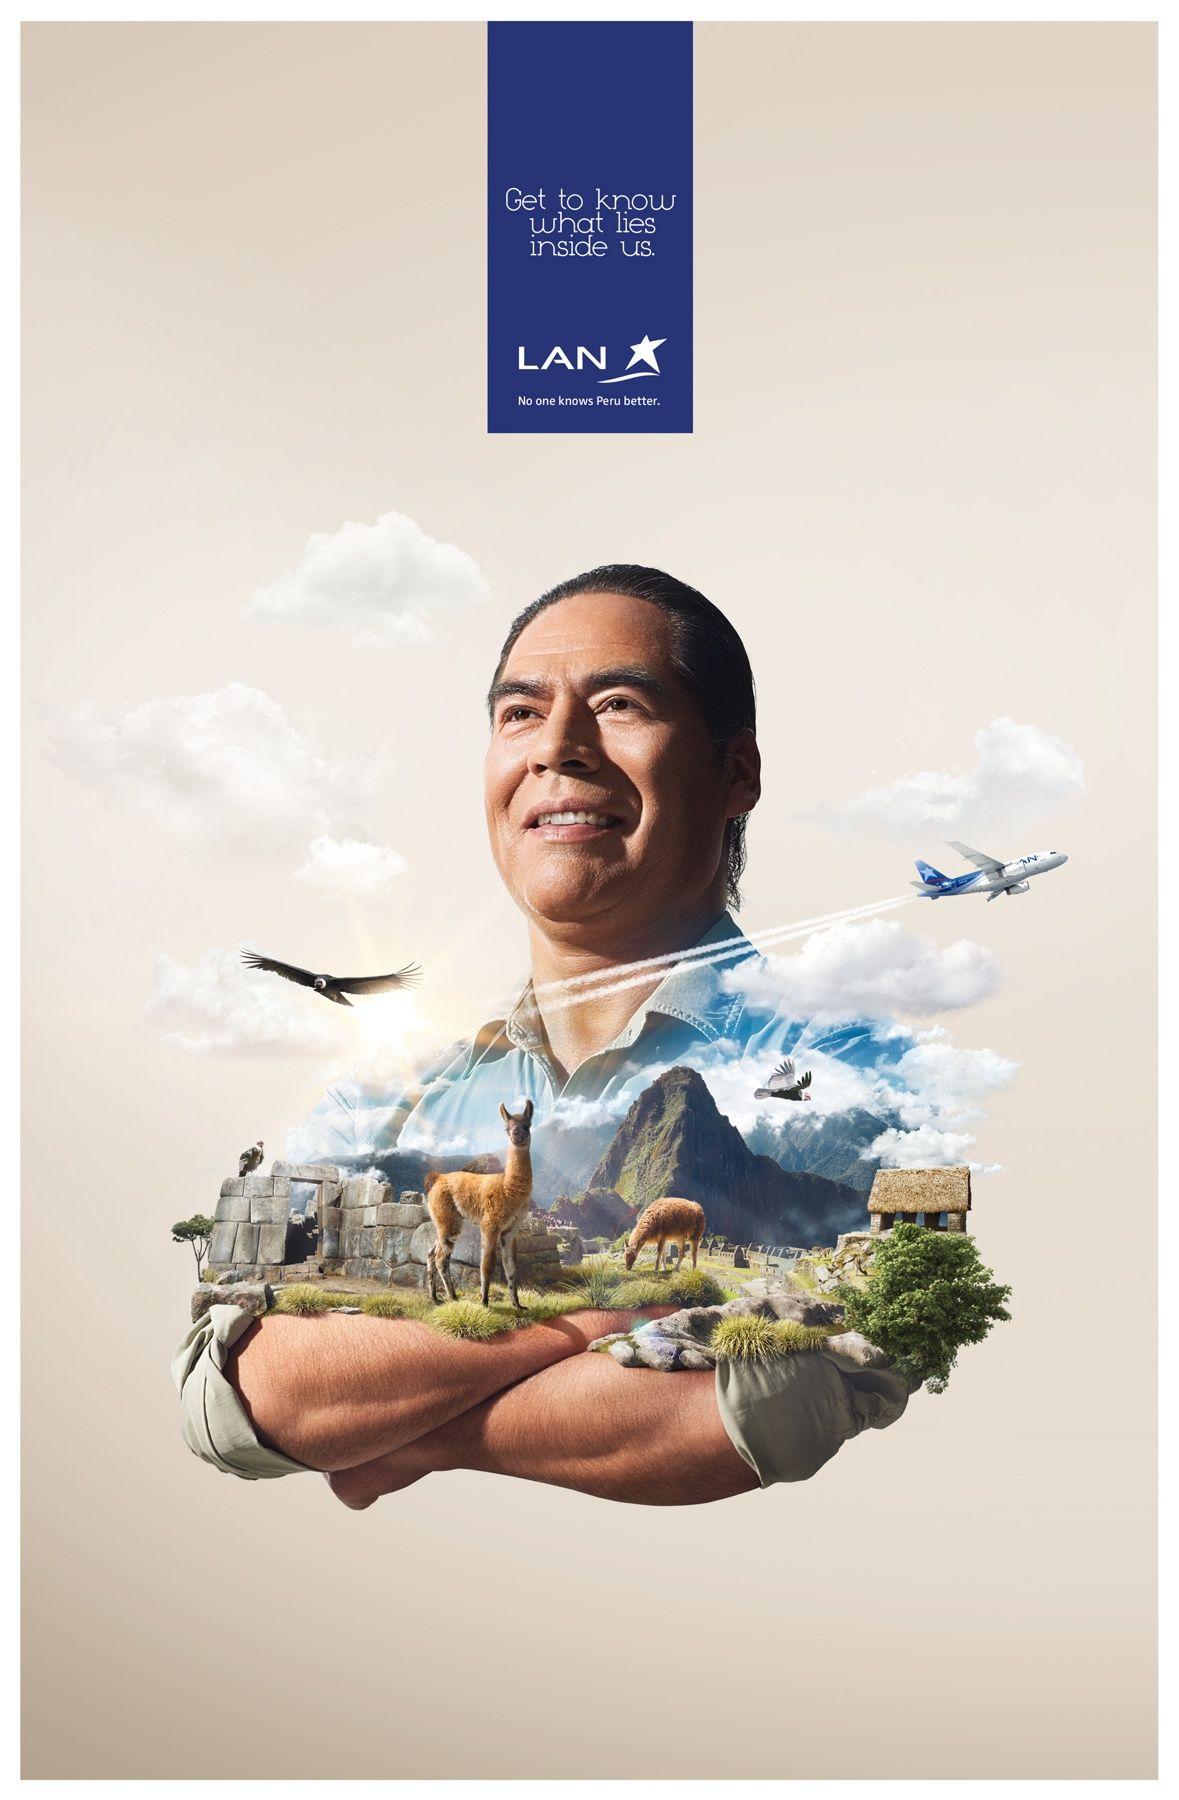 Advertising Agency: Y&R, Lima, Peru Executive Creative Director: Flavio Pantigoso Art Director: Edher Espinoza Creative Director / Copywriter: